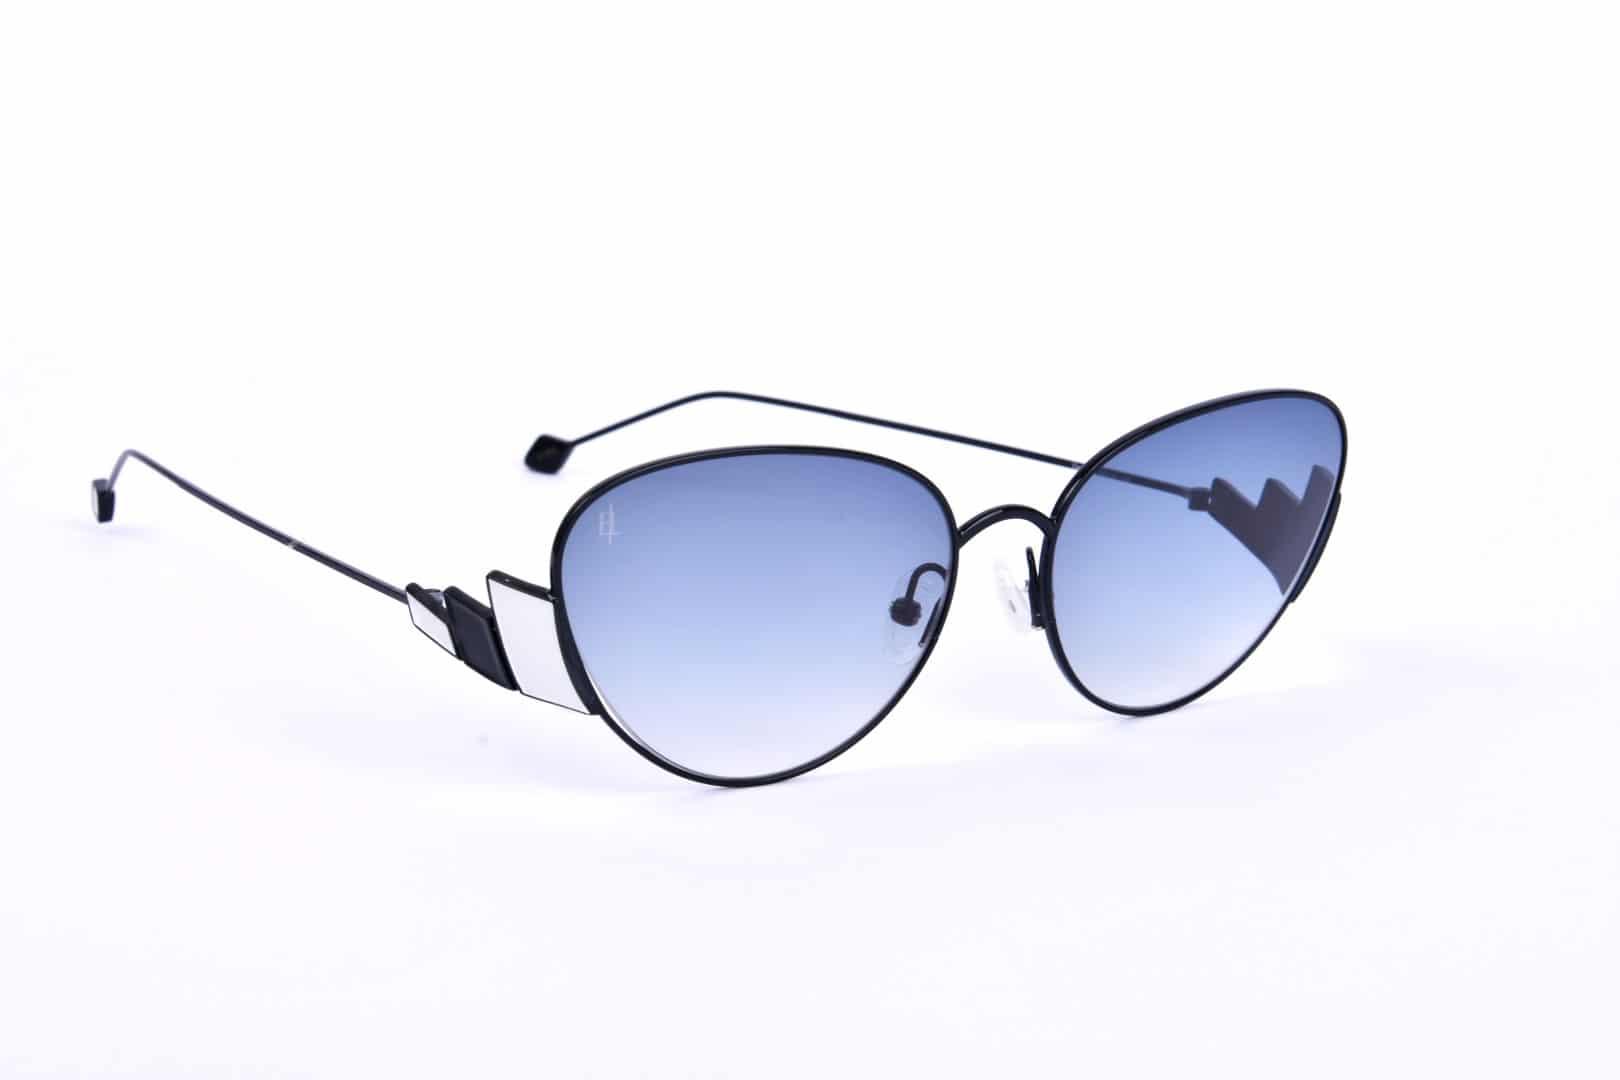 משקפי שמש לילדים - אופטיקה יפעת, אופטומטריסטית מומלצת